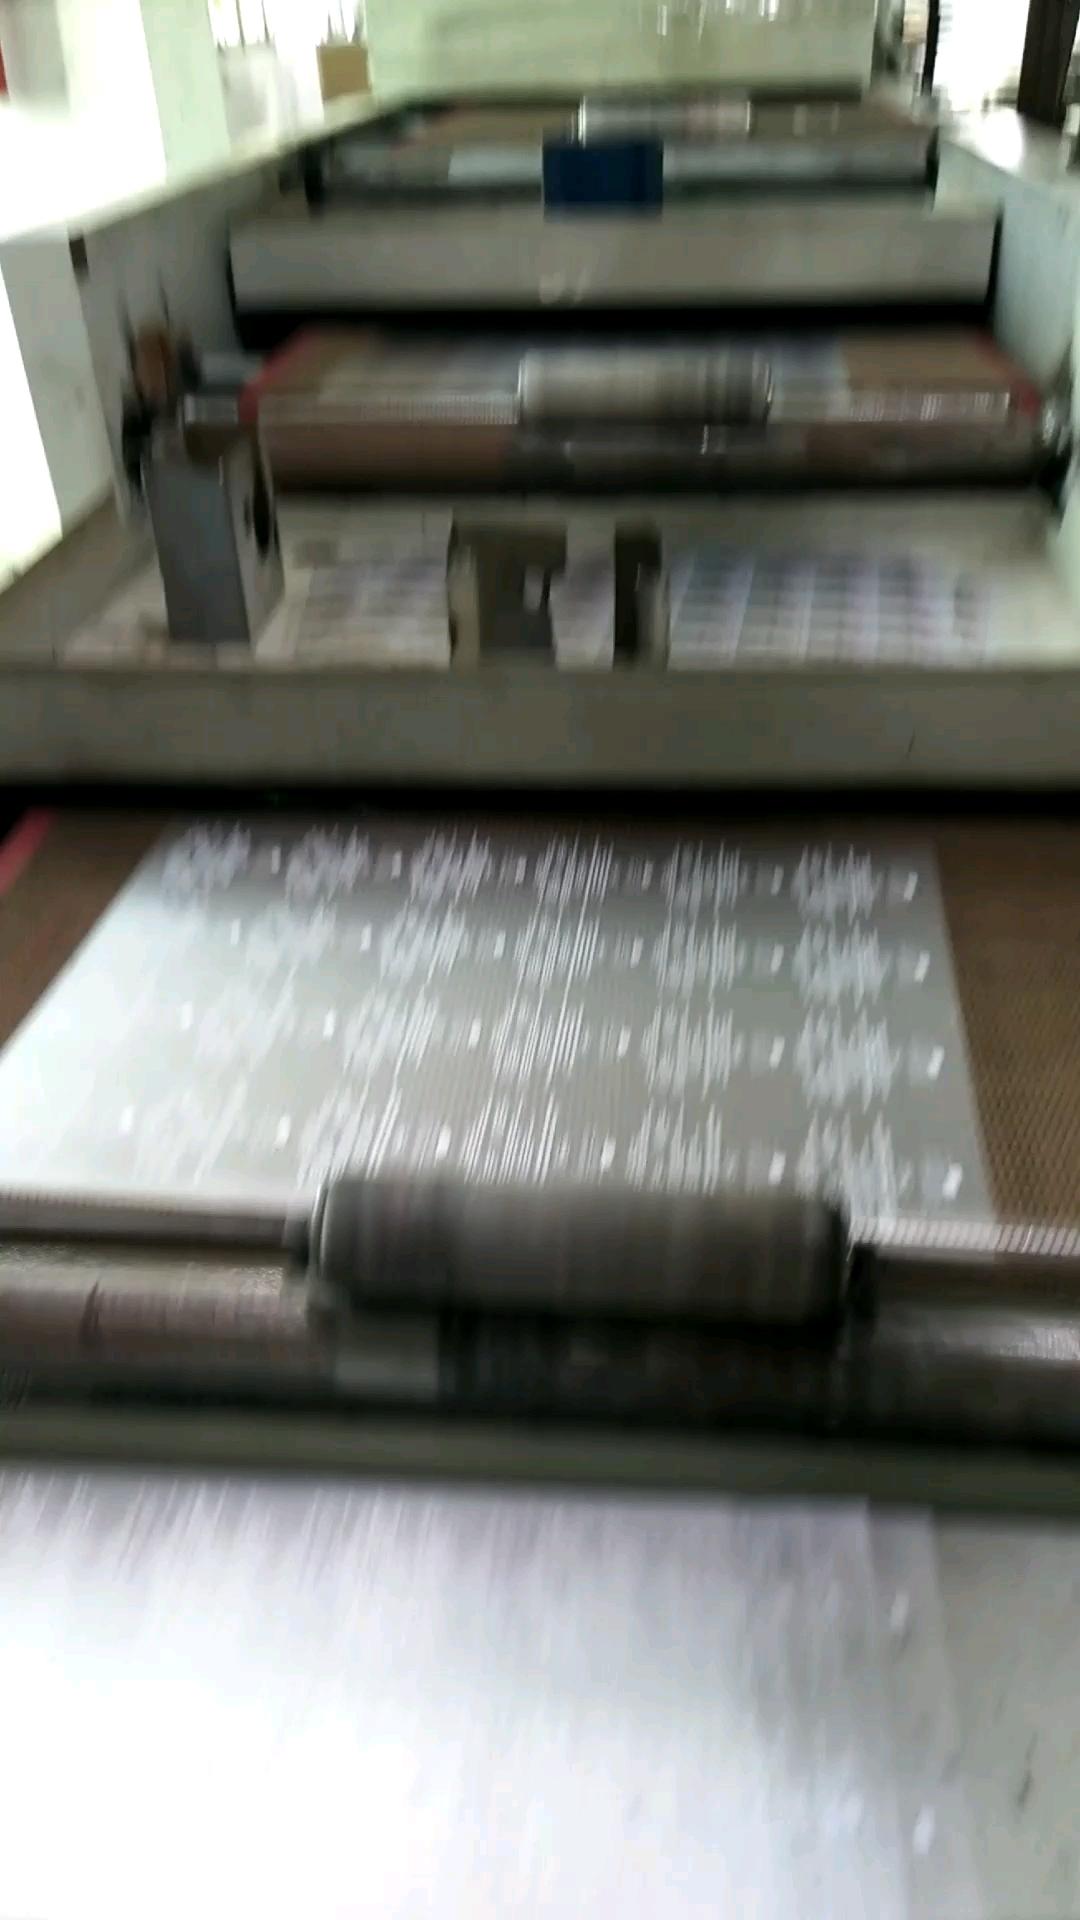 Bleche mit Plastisol bedruckte Etiketten mit Wärmeübertragung auf das Kleidungsstück